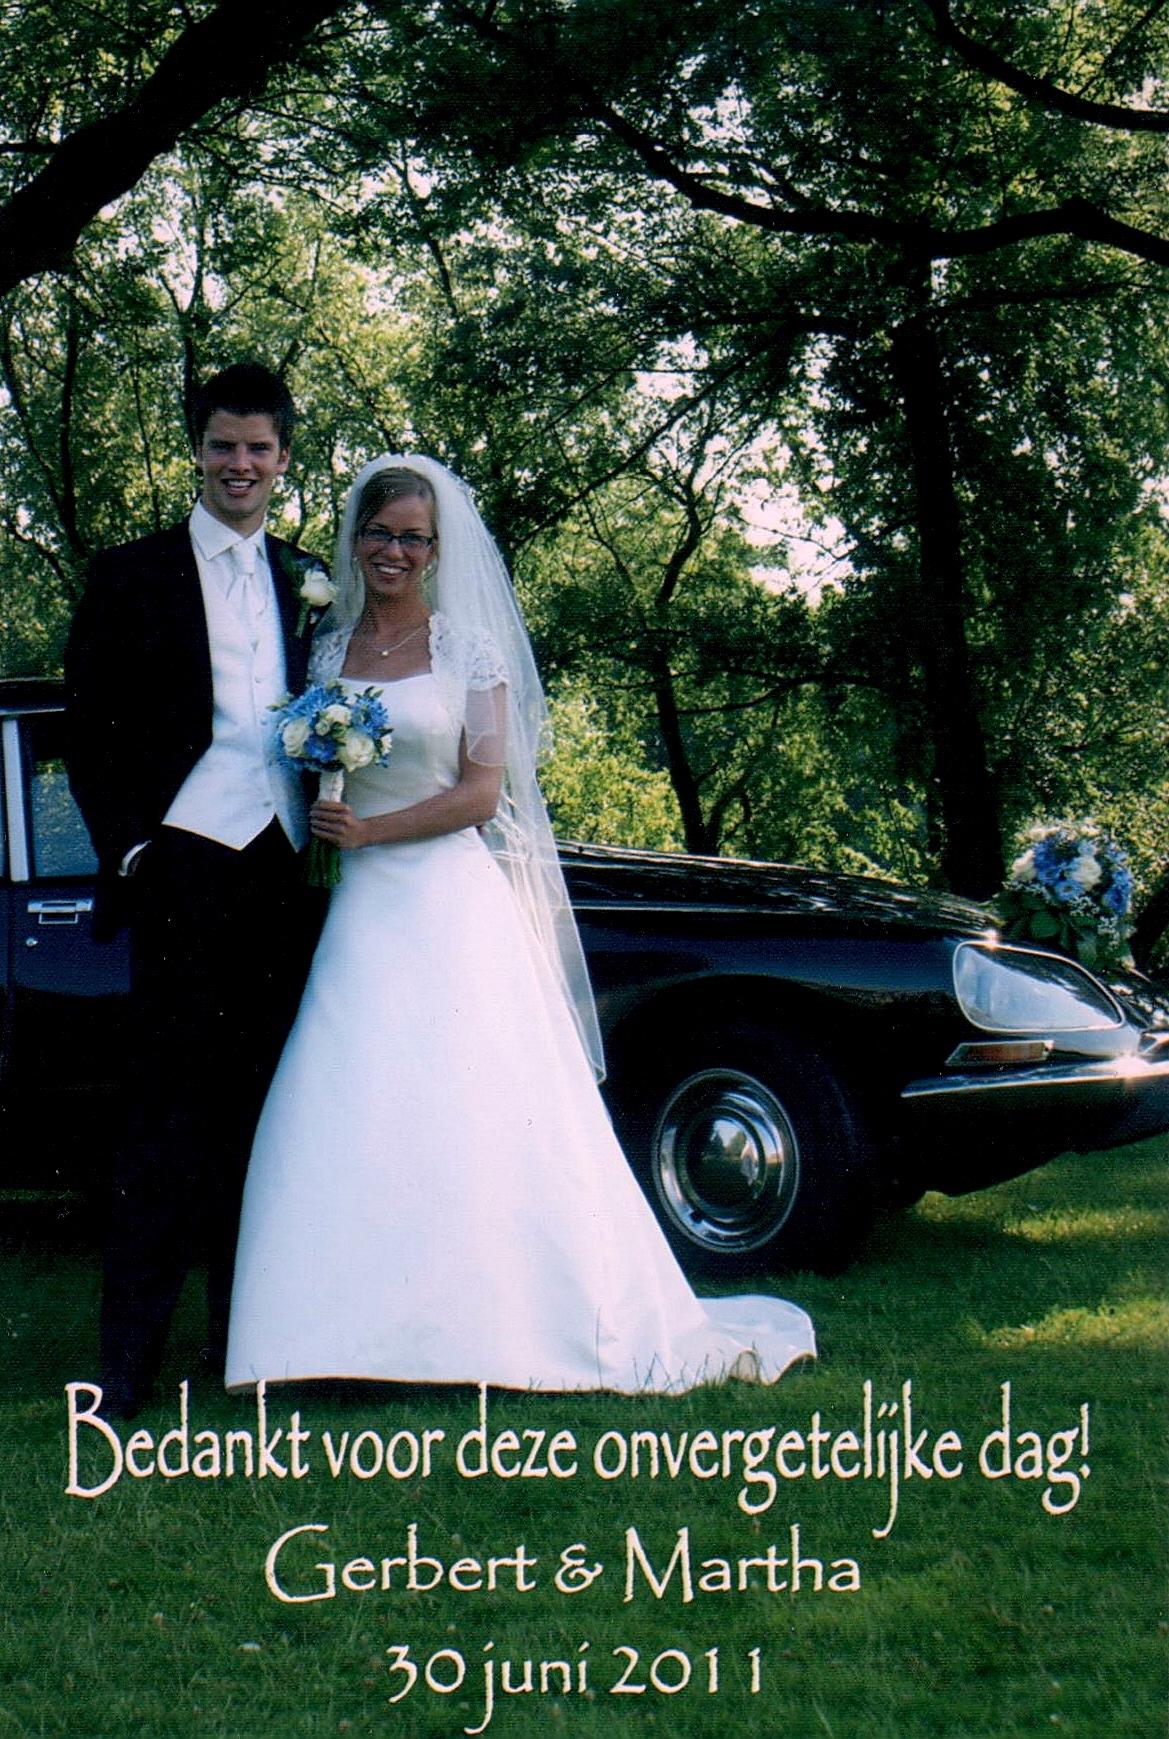 Bruidspaar De Jong - Brand